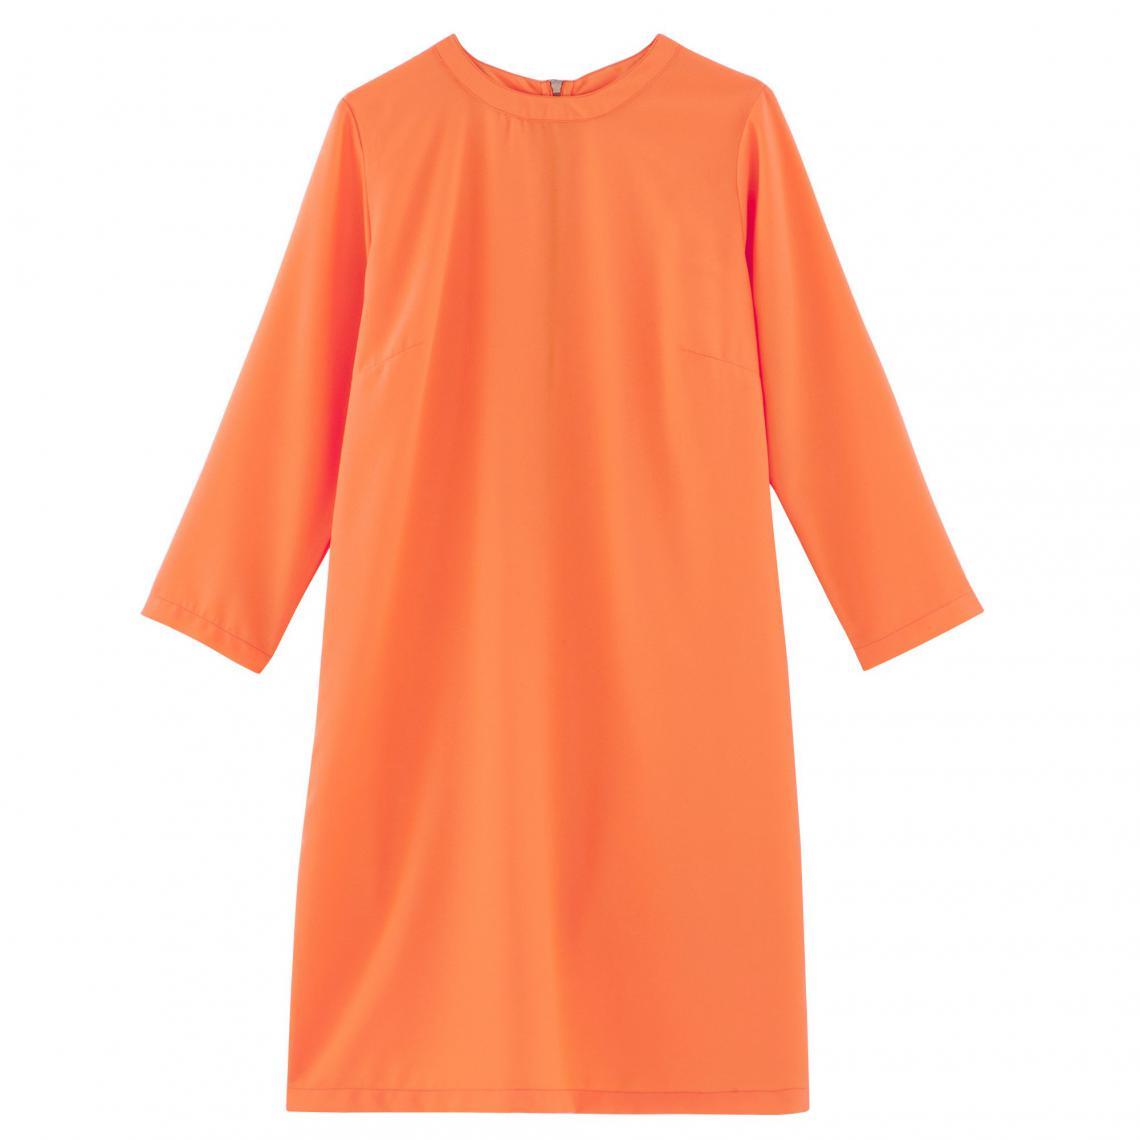 Robe Housse Ample Manches Longues Femme Suisses Orange3 Fluide BCodex